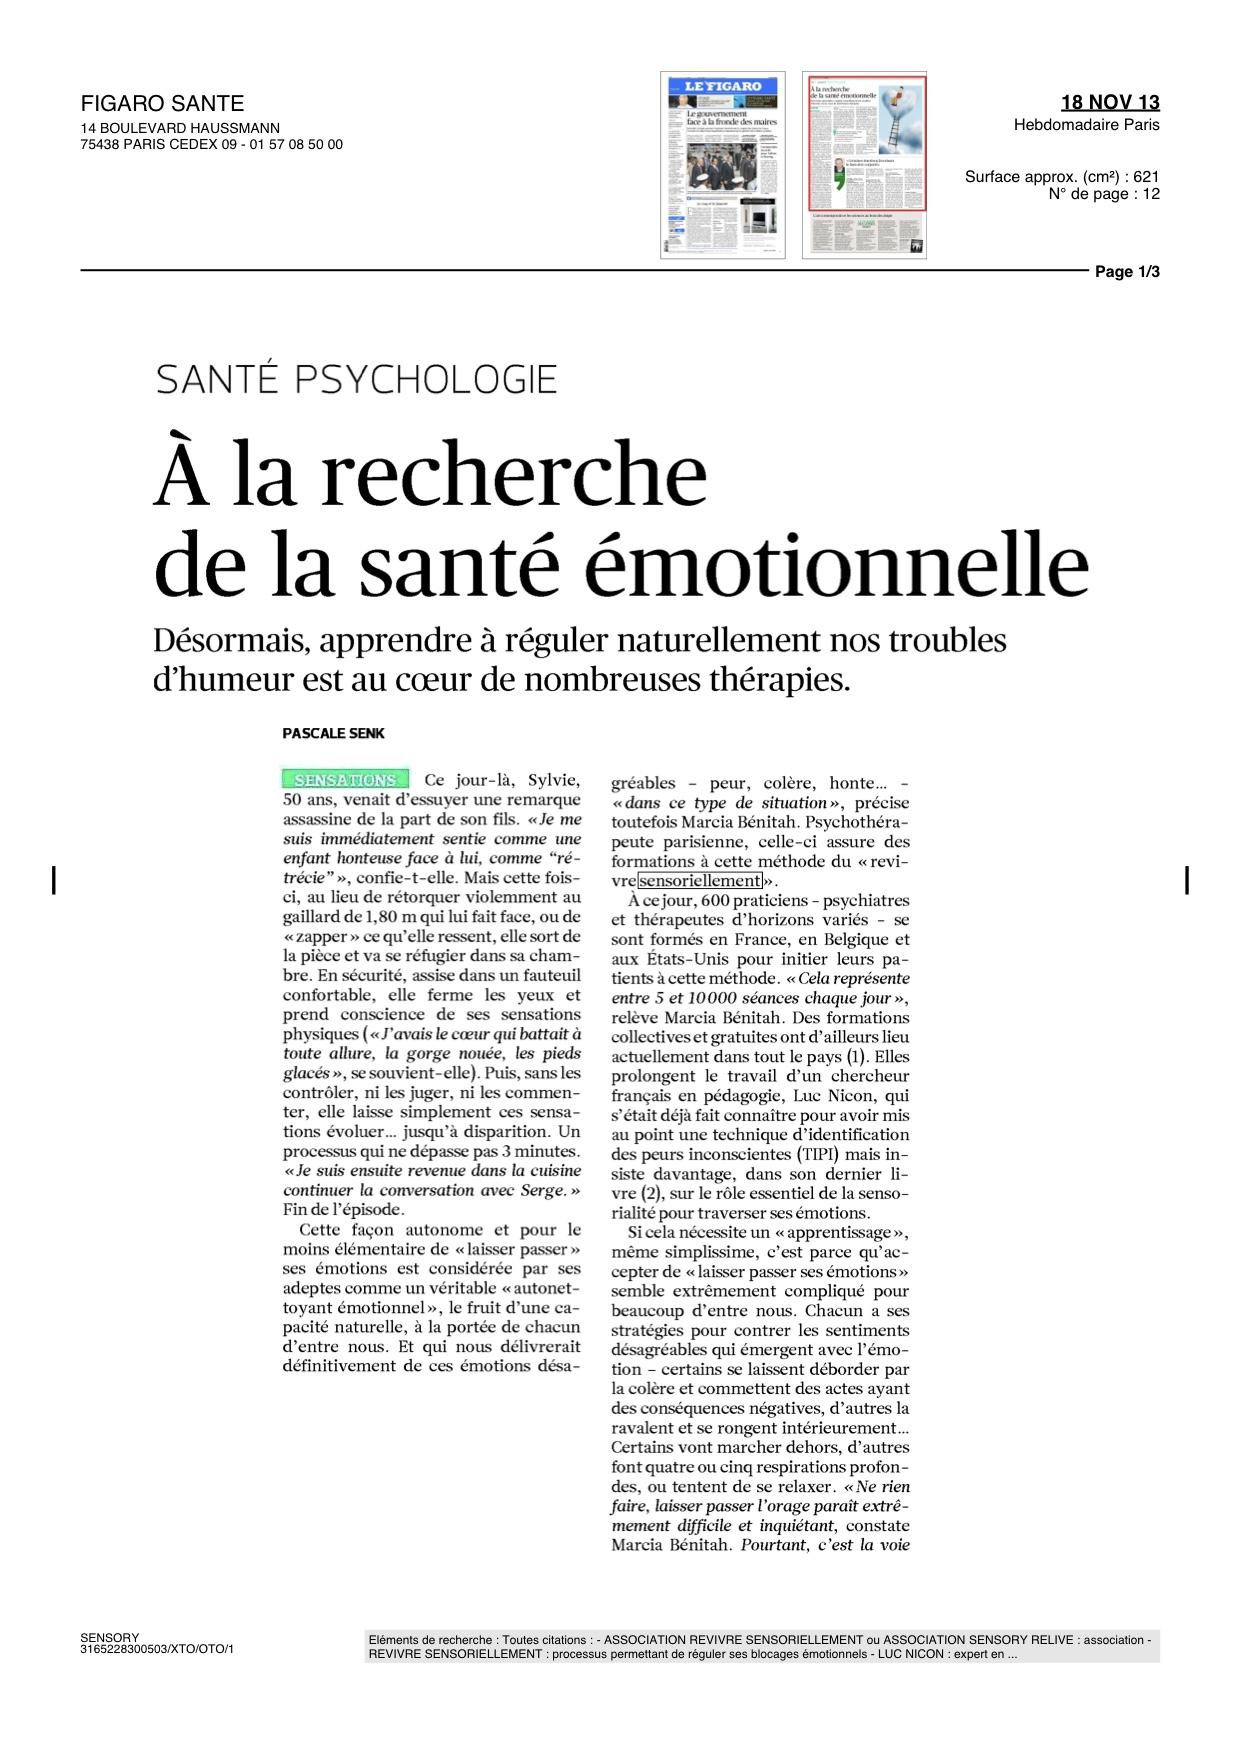 Le Figaro Santé - Page 1 sur 2 - 2013